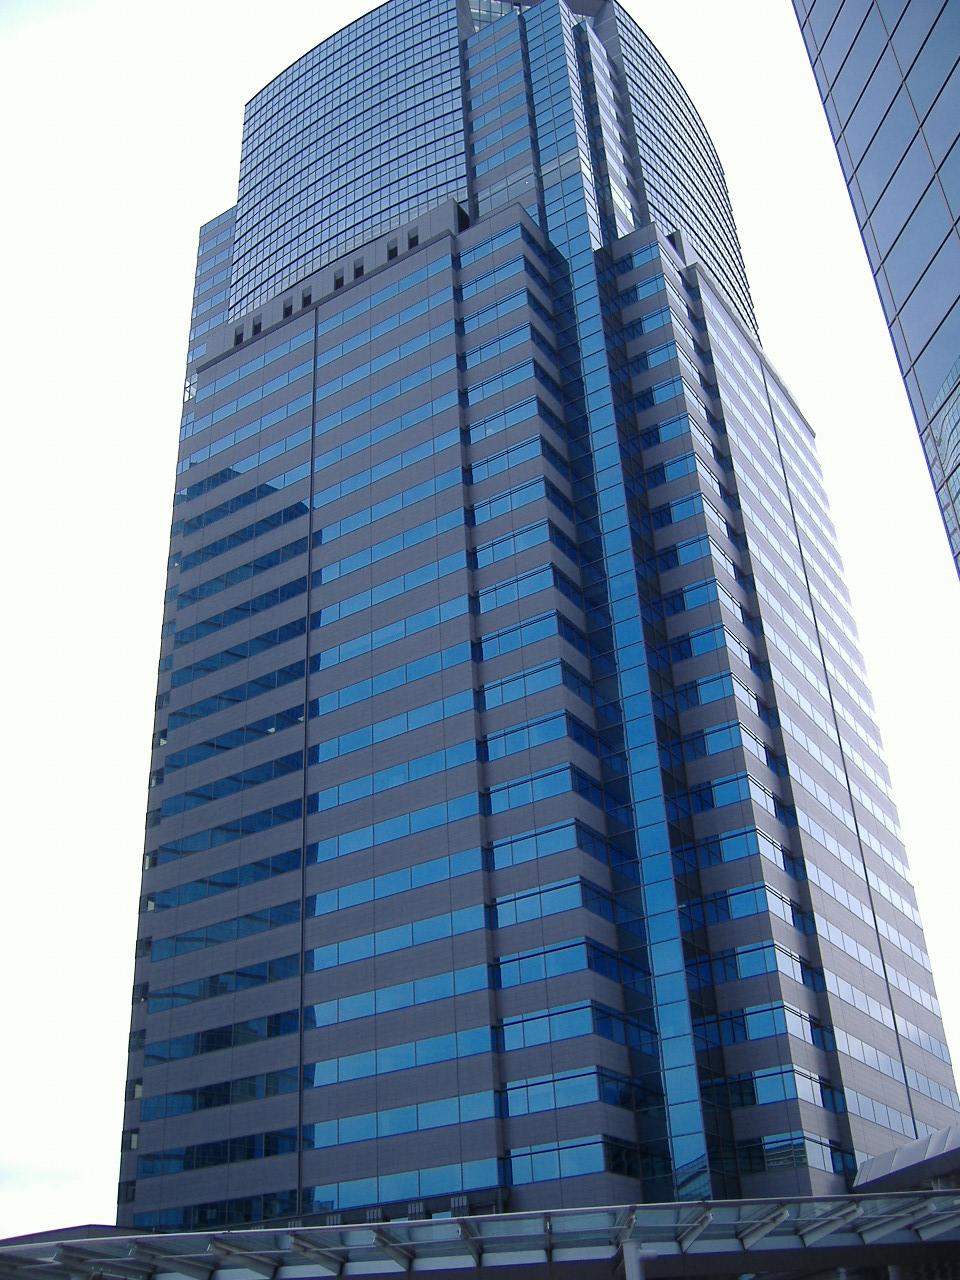 Shinagawa East One Tower Wikipedia